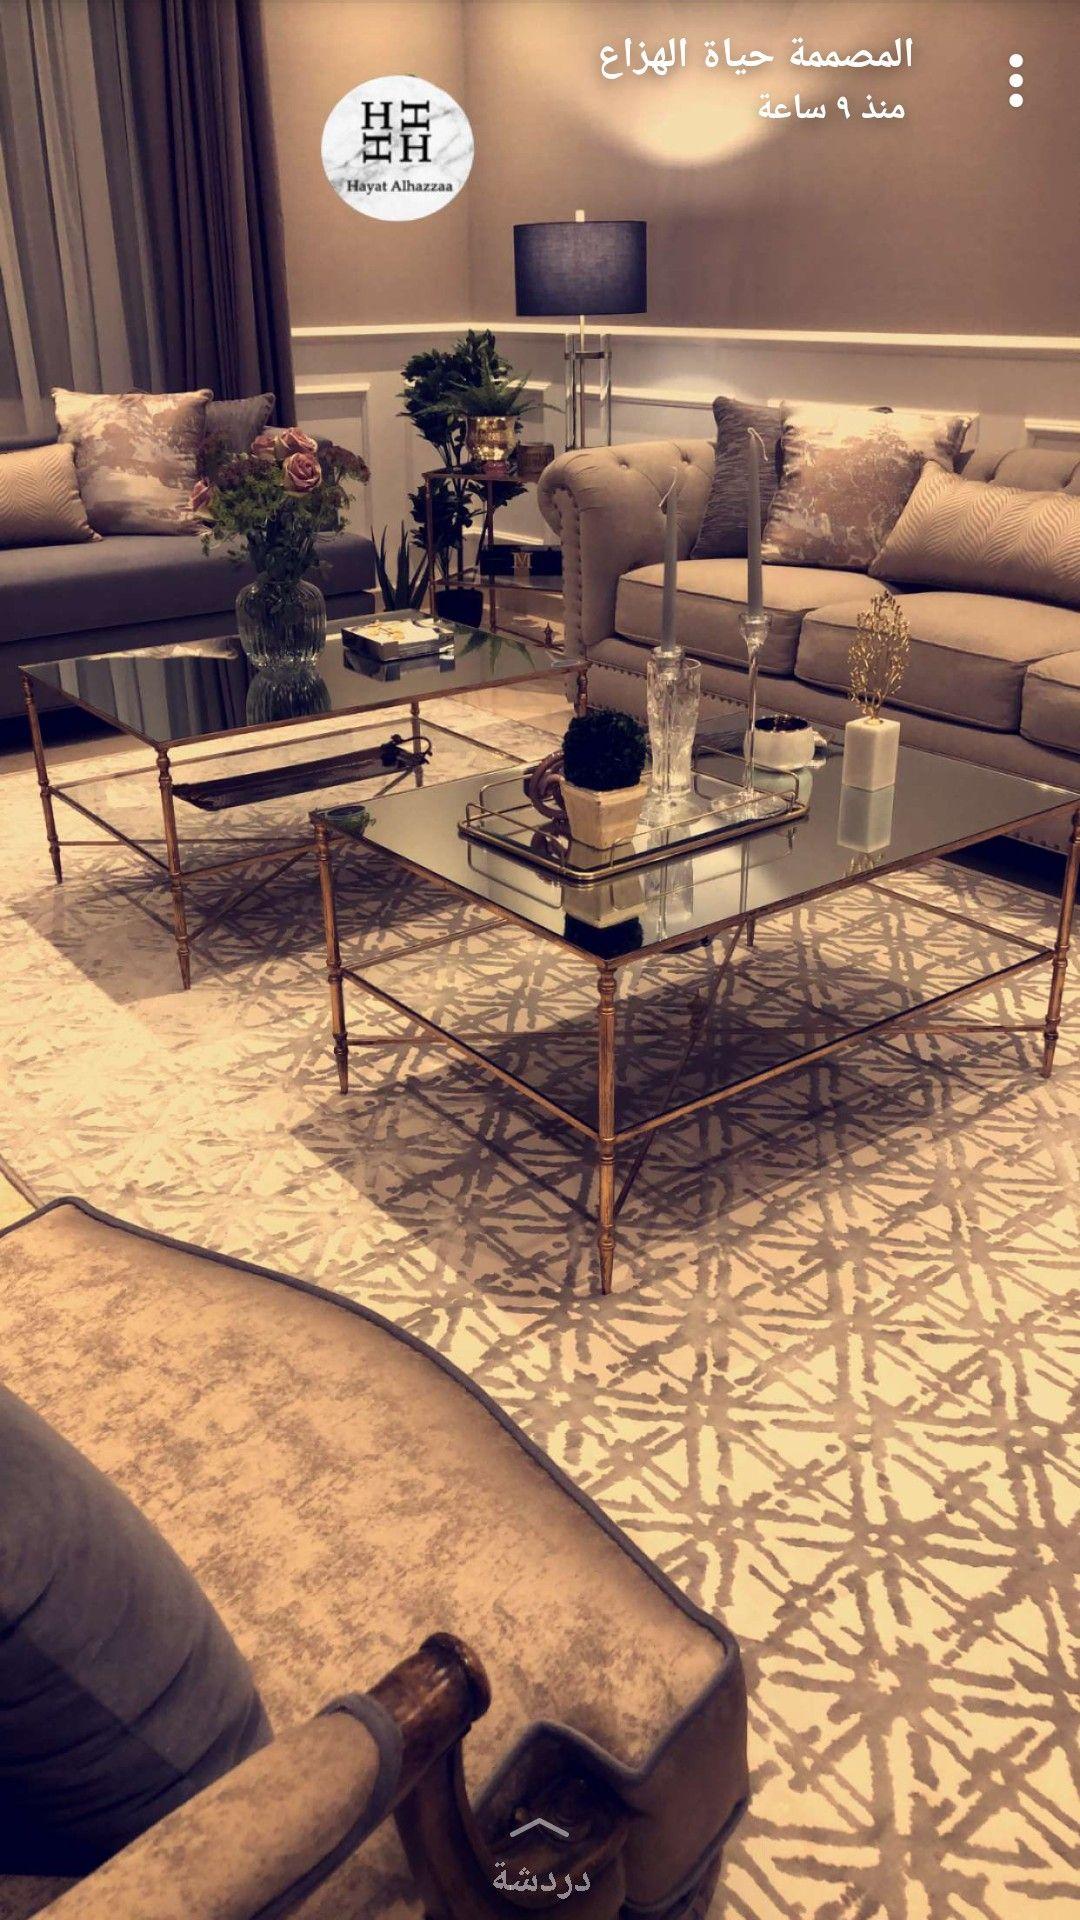 الوان صالتيييييي Living Room Design Decor Classic Furniture Living Room Luxury Living Room Design Home goods decor for living room pics